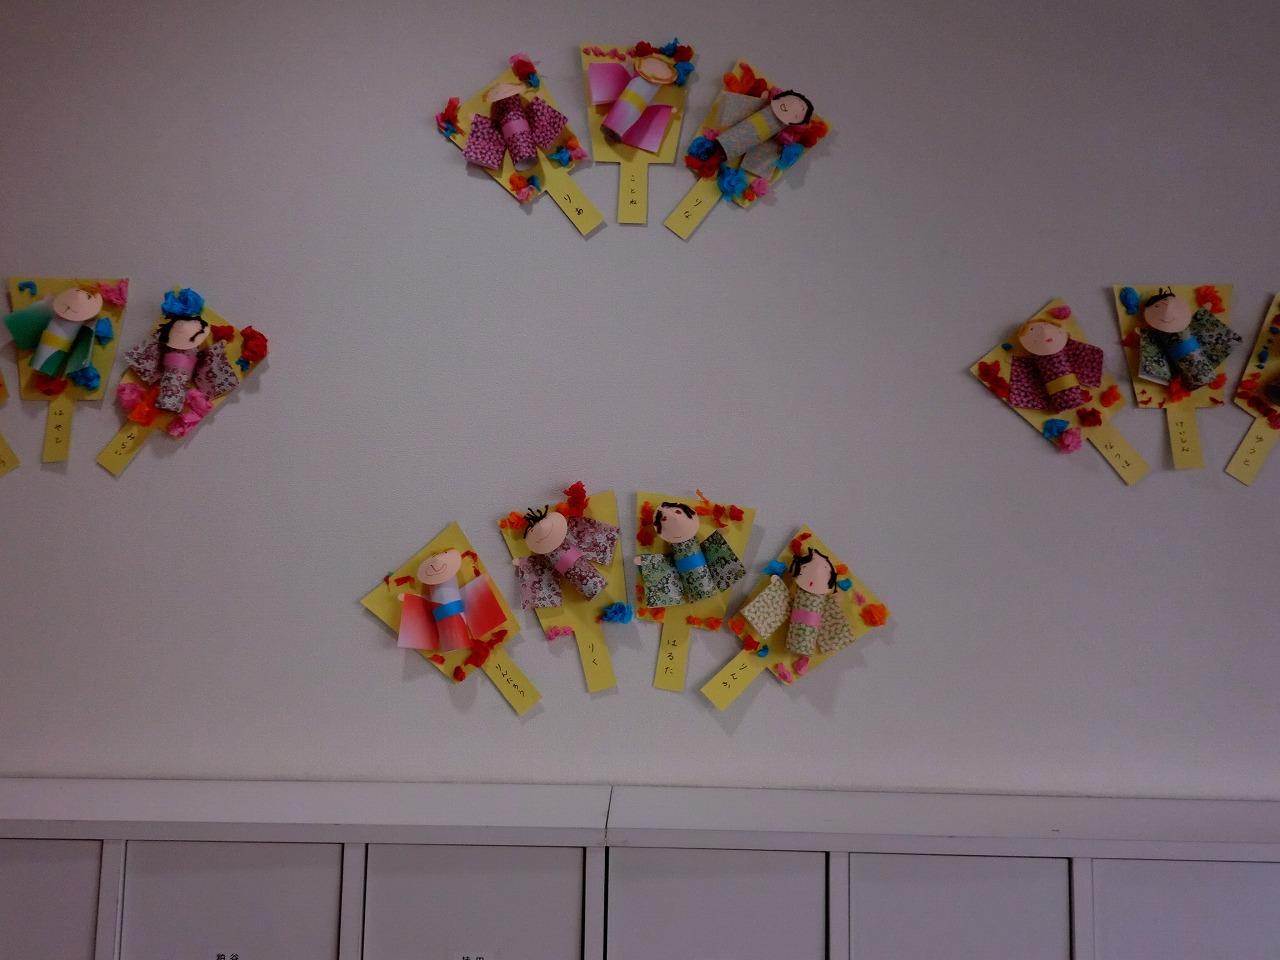 保育 187 保育園 壁飾り 子供のための教育玩具と子供のための楽しい学習